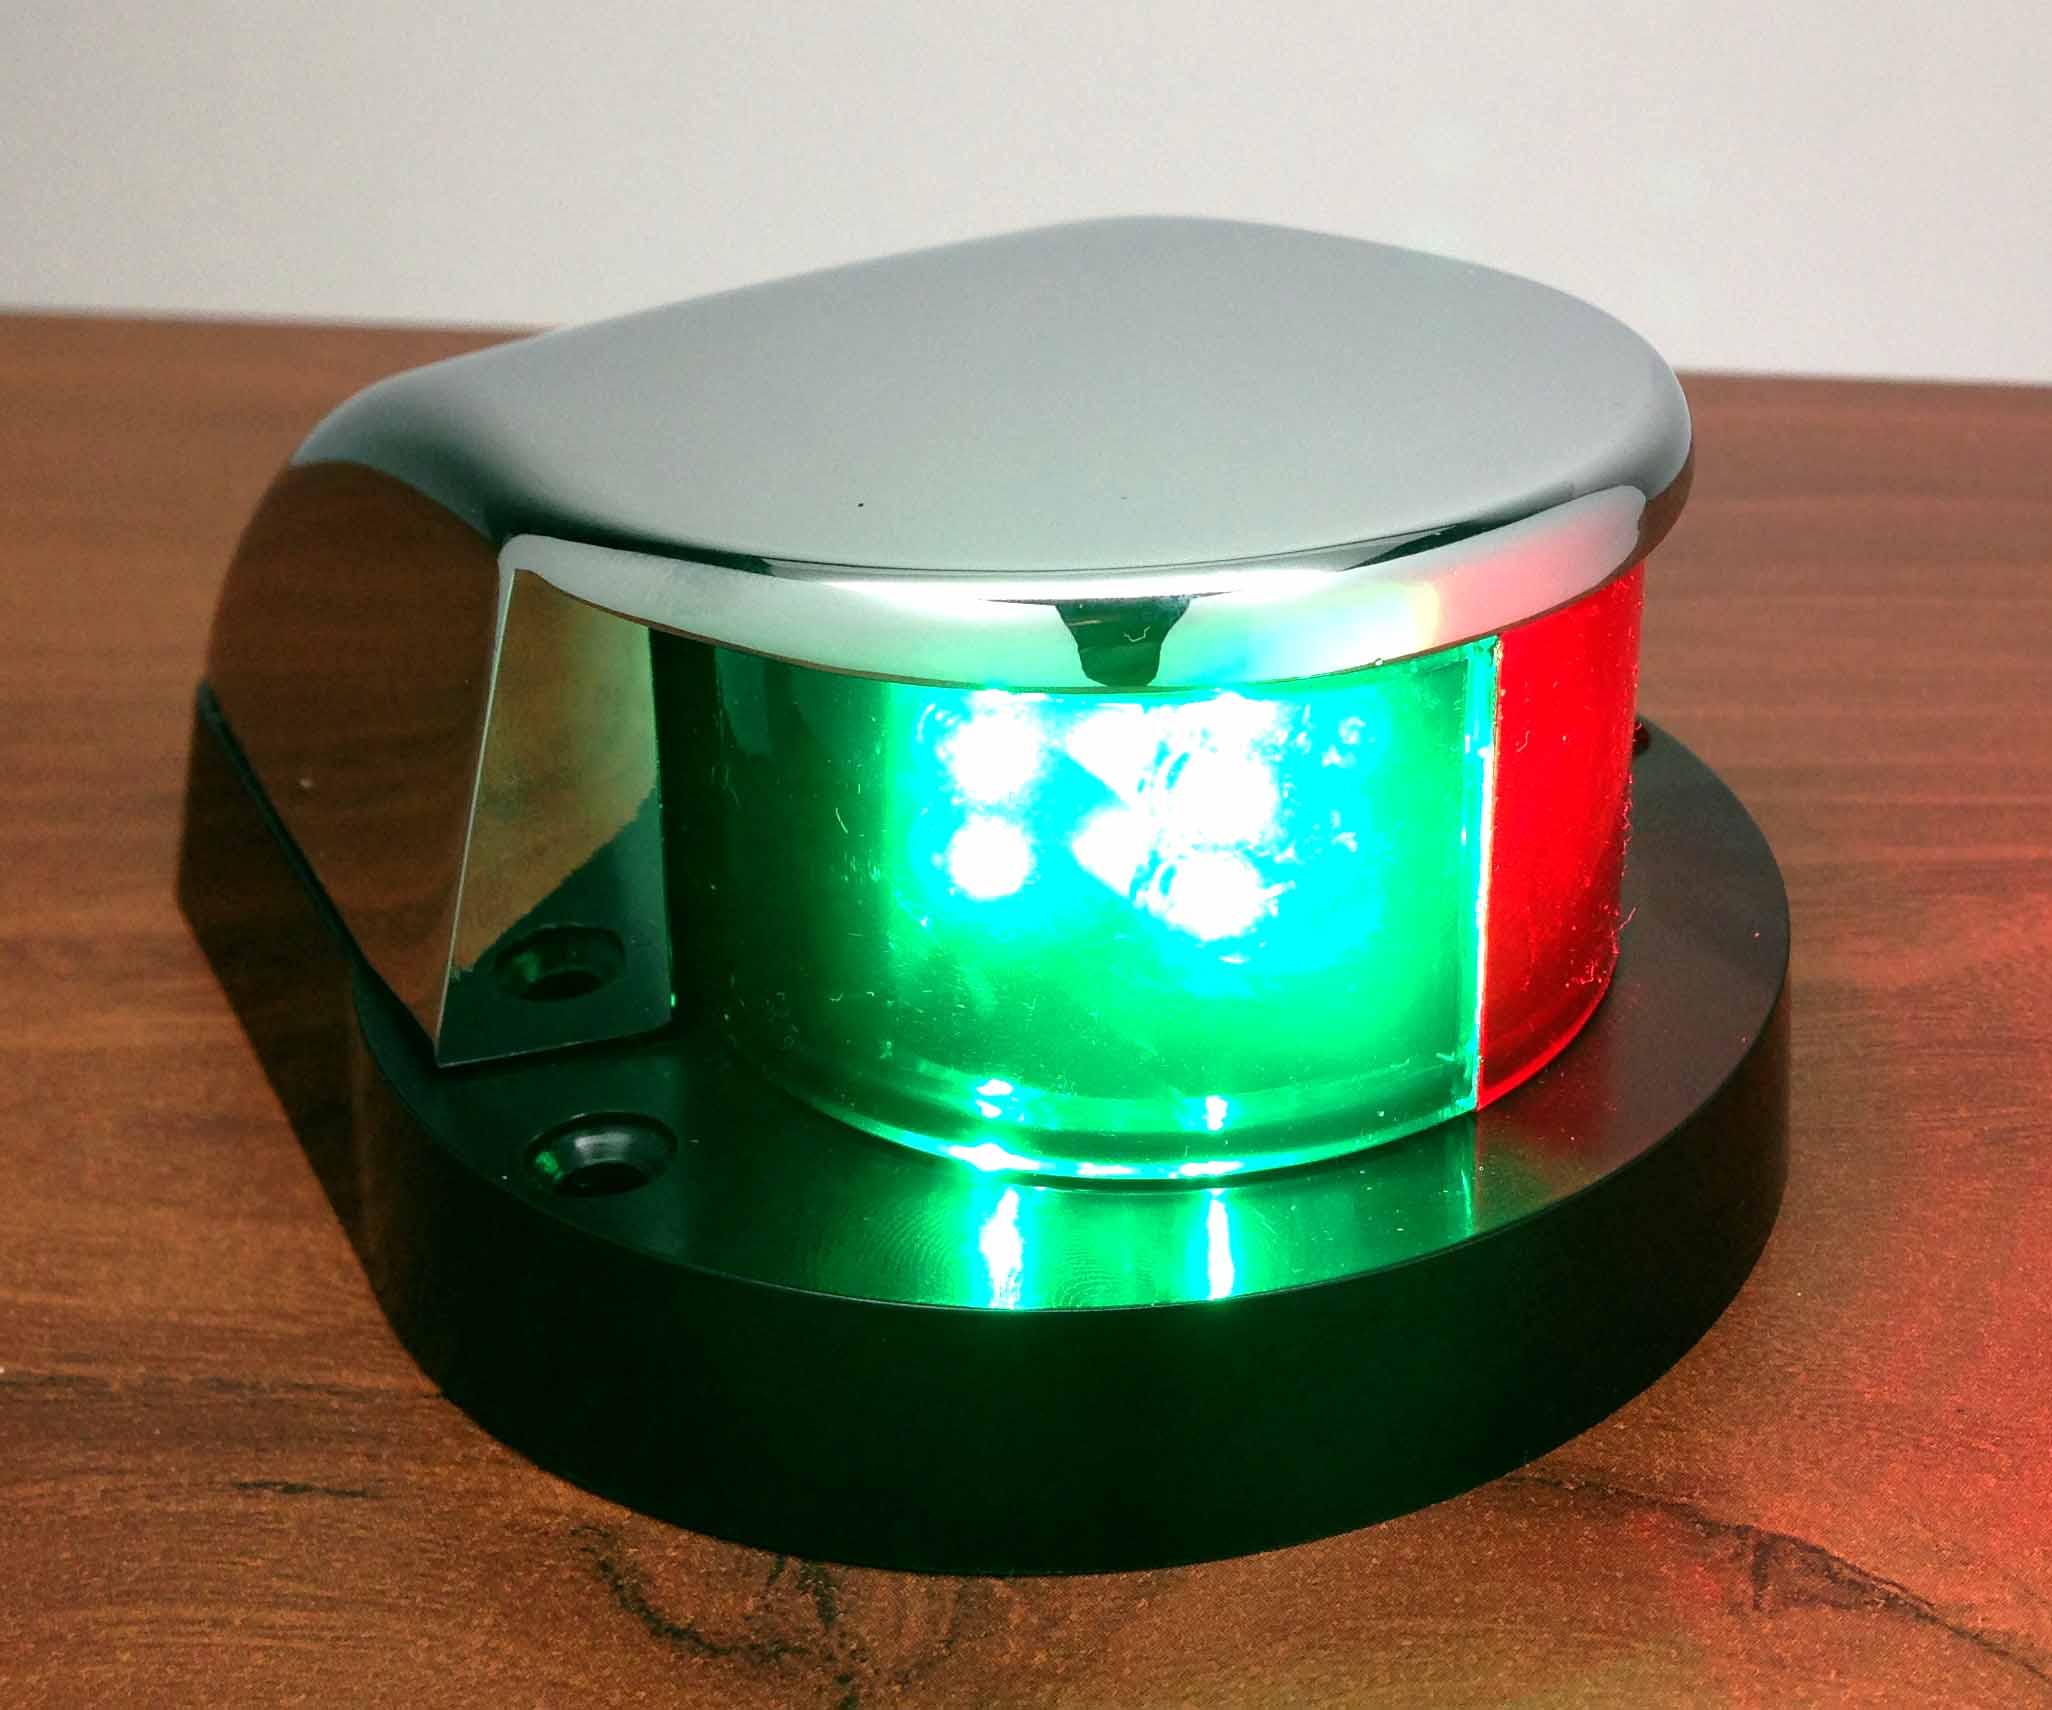 Led Boat Navigation Lights Battery: MARINE BOAT LED NAVIGATION LIGHT RED GREEN CHROME PLATED